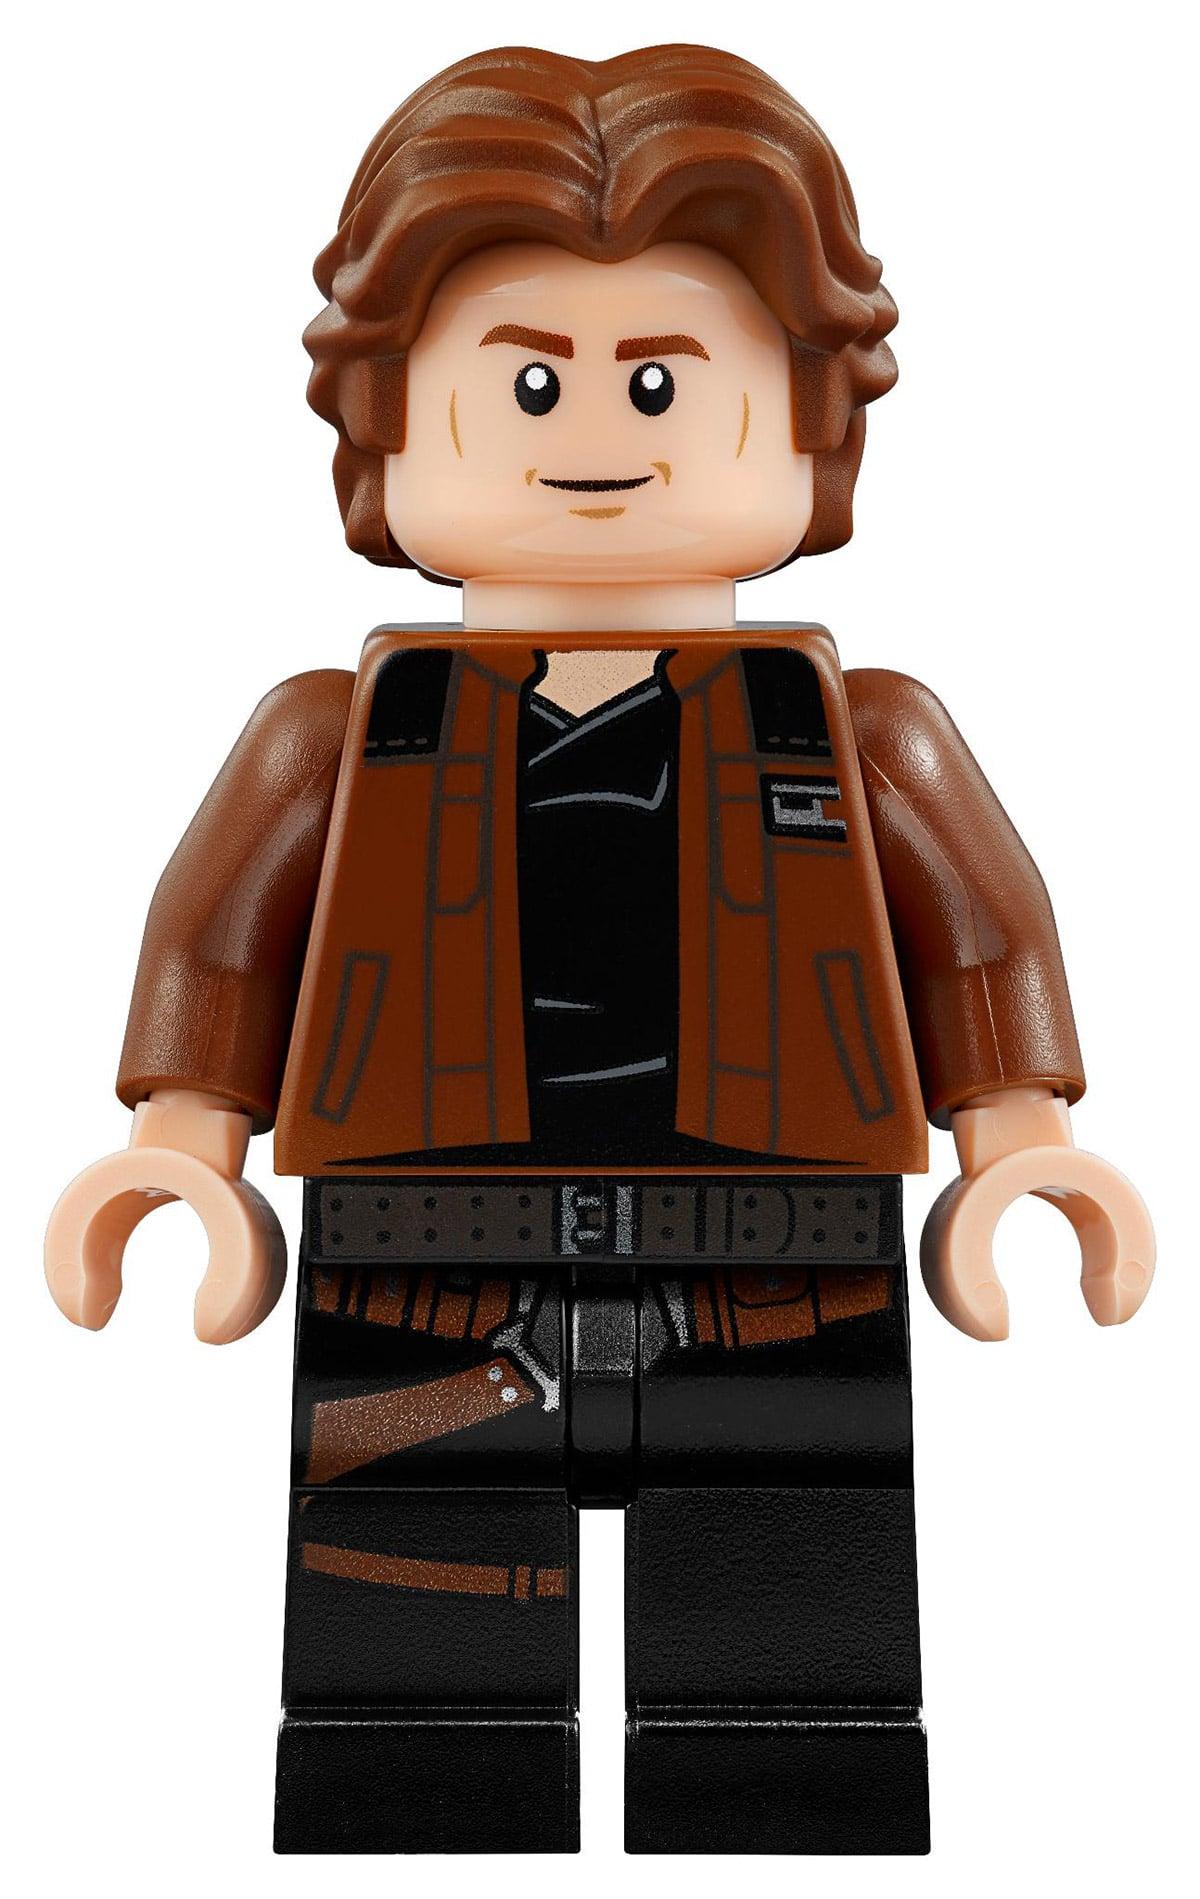 LEGO Star Wars 75212 Han Solo